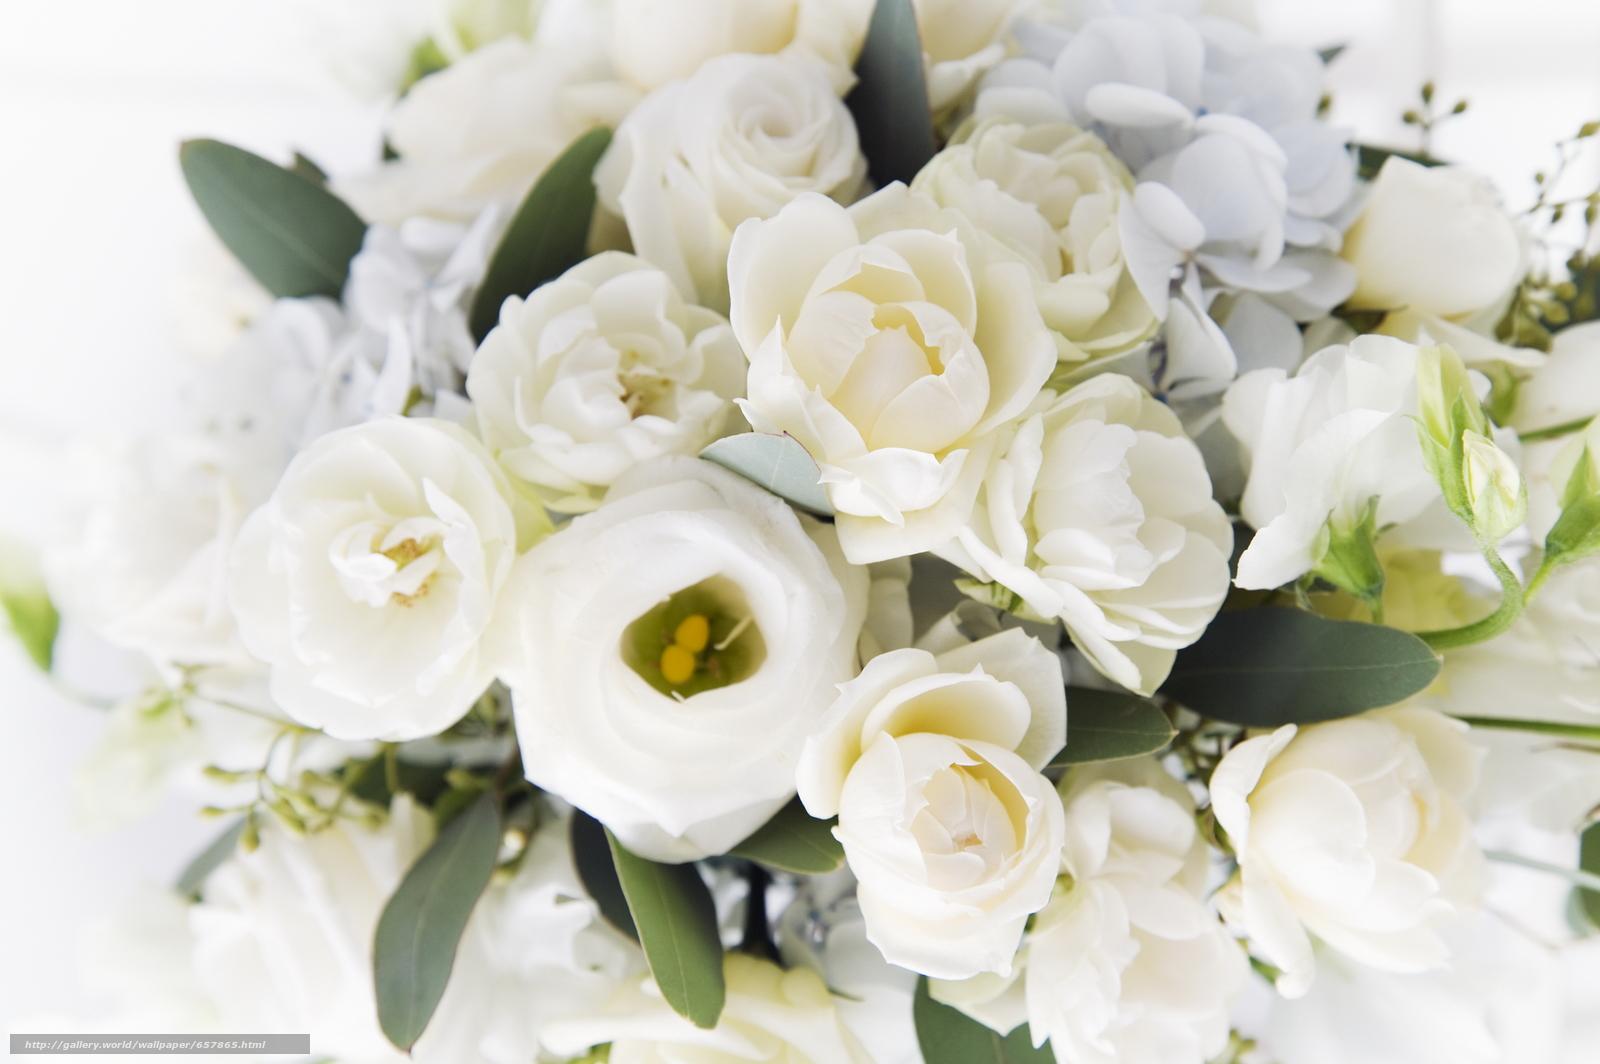 壁紙をダウンロード フラワーズ,  花,  ローズ,  バラ デスクトップの解像度のための無料壁紙 2950x1961 — 絵 №657865